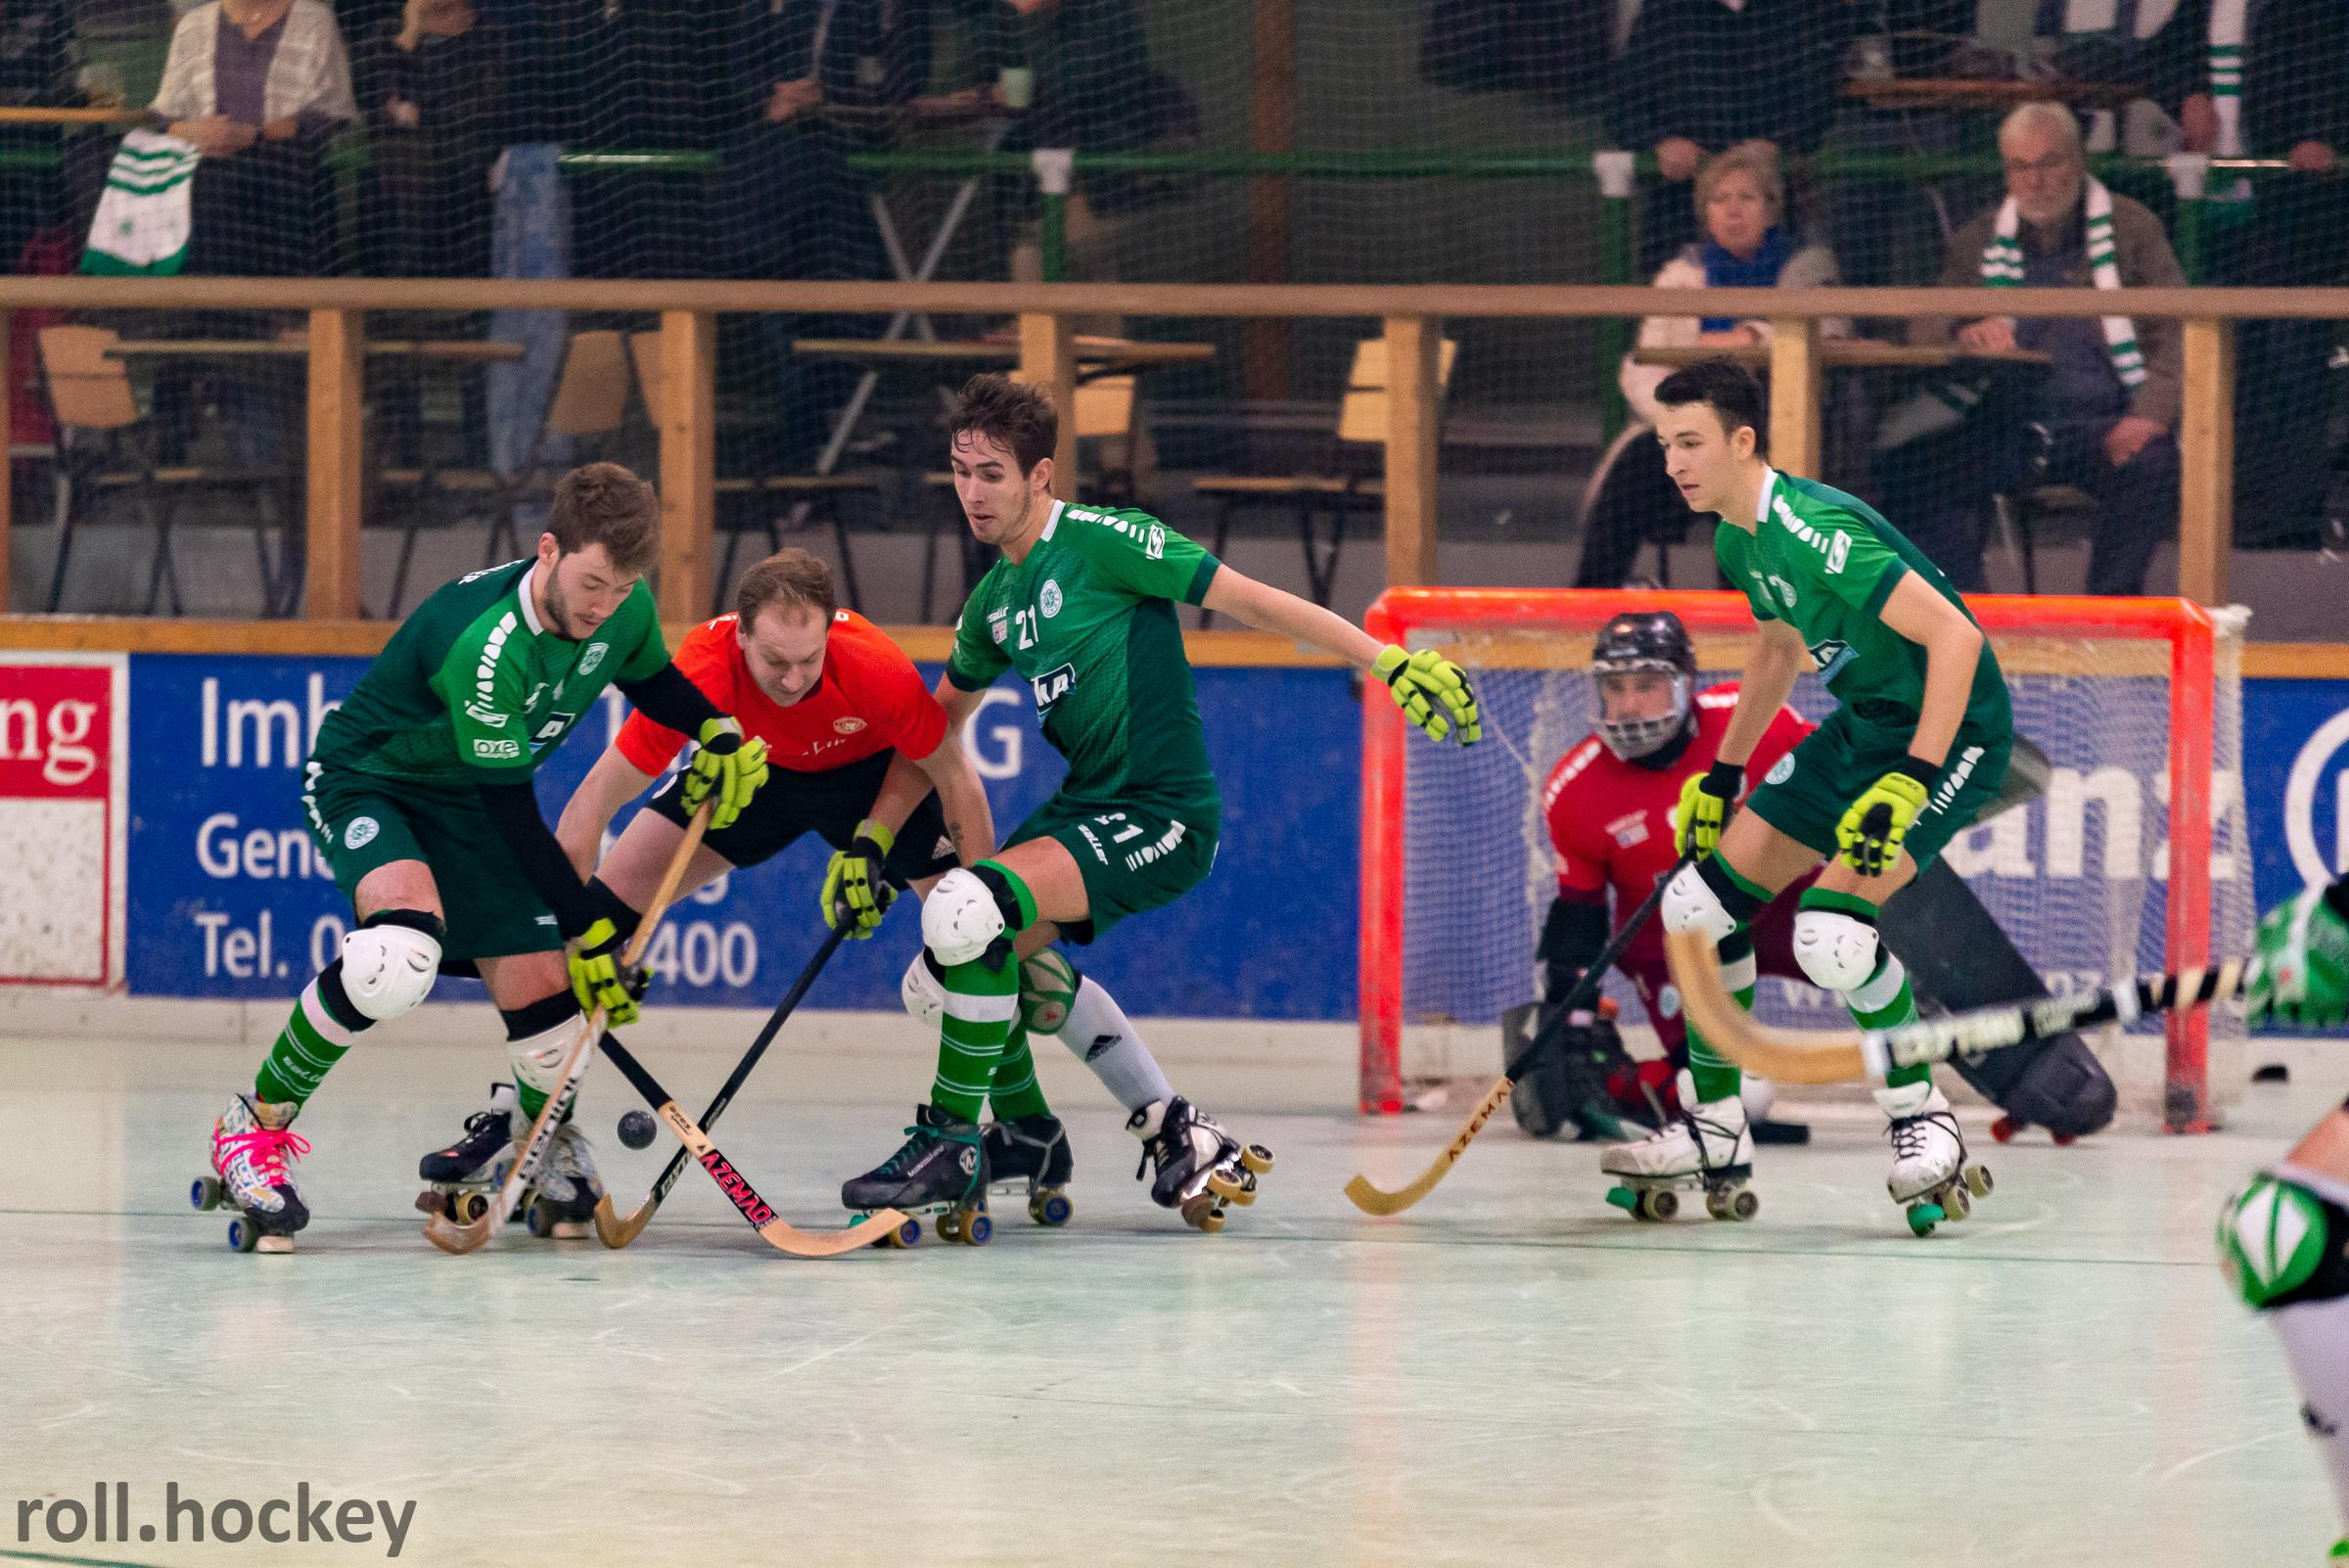 RSC Cronenberg Rollhockey Bundesliga Herren Spieltag 22.12.2018